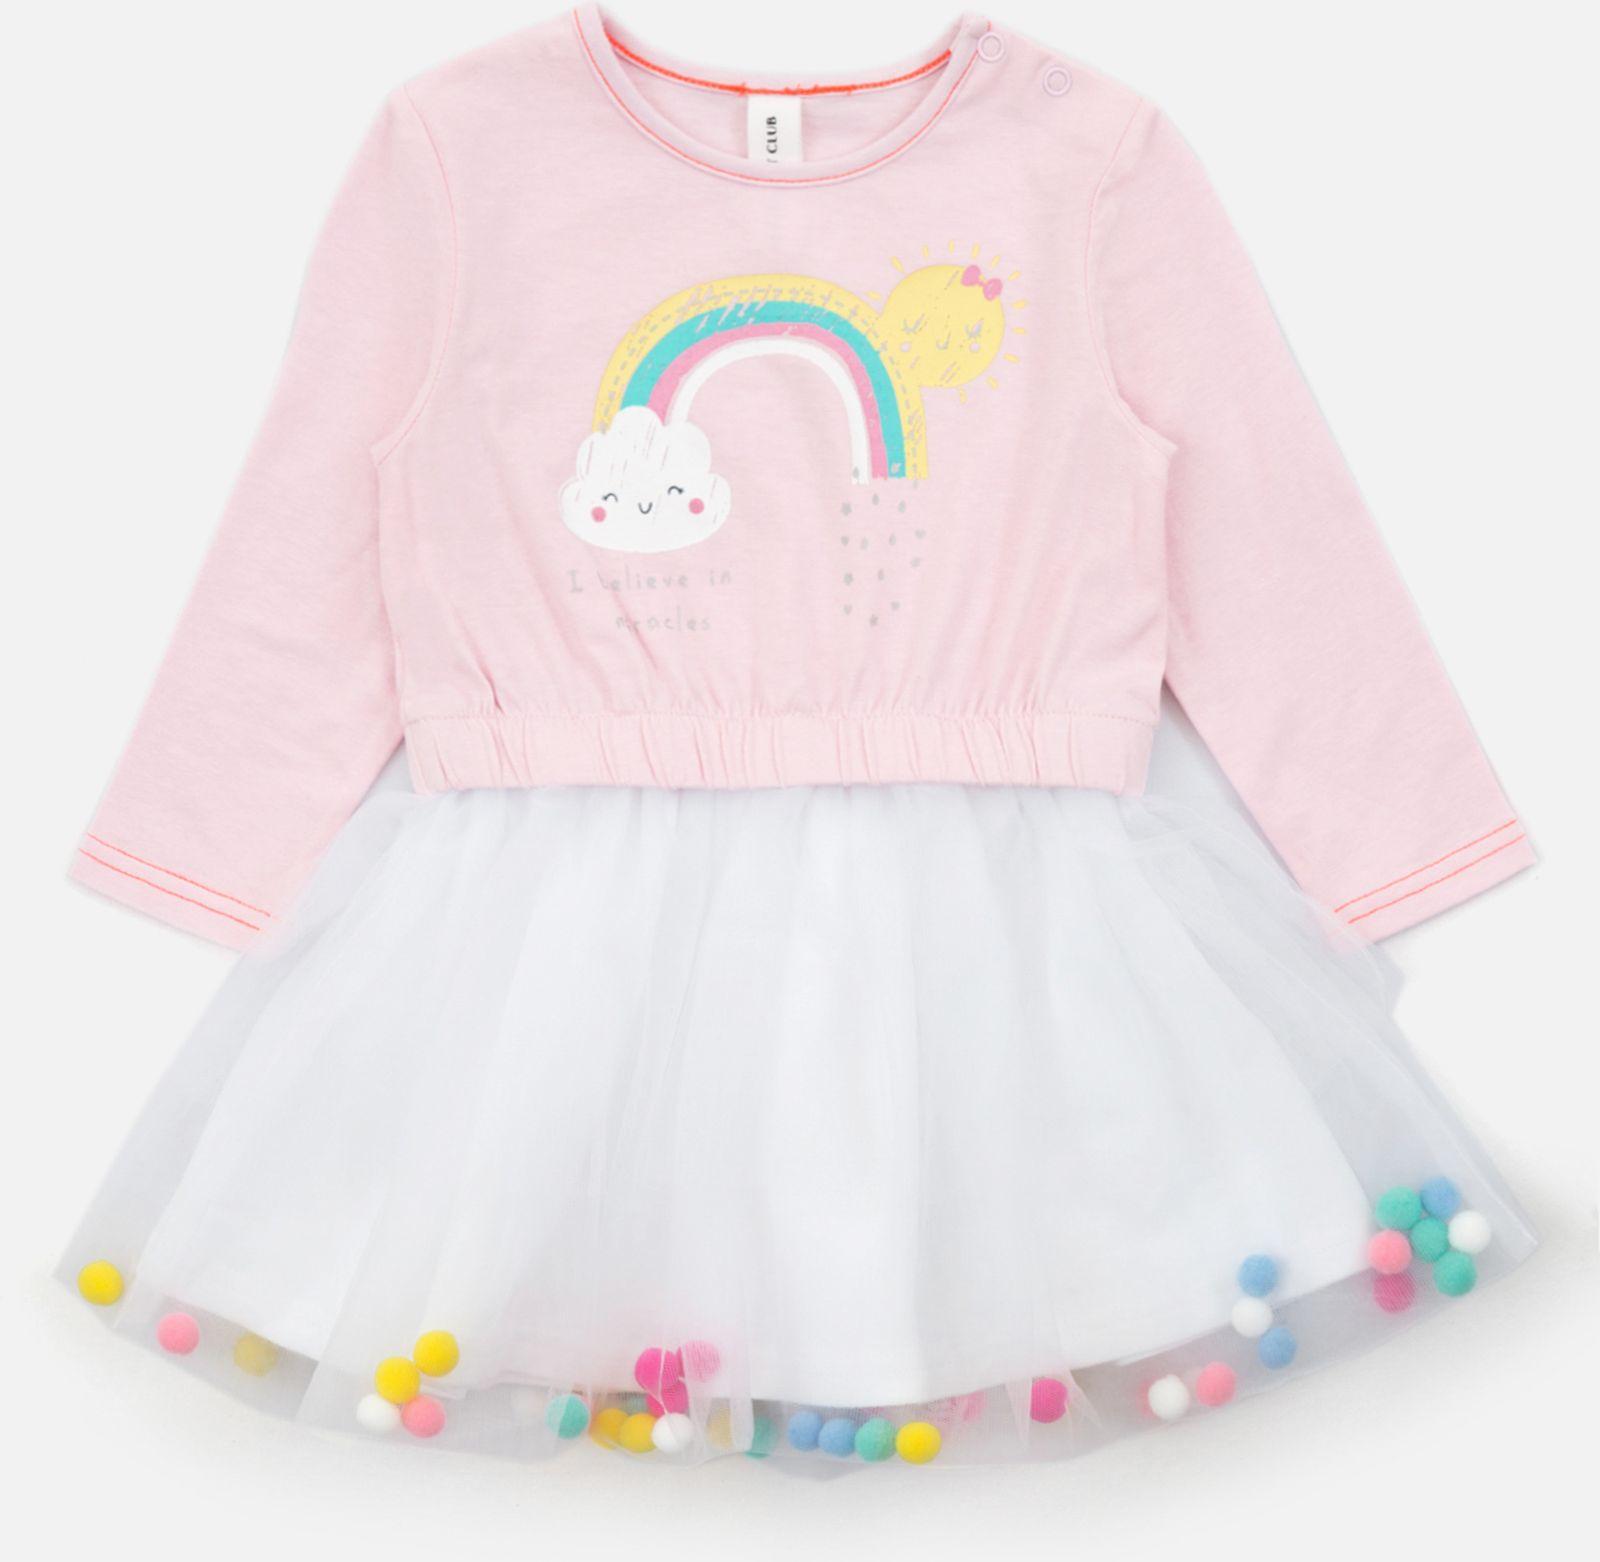 Платье Acoola Acoola Baby